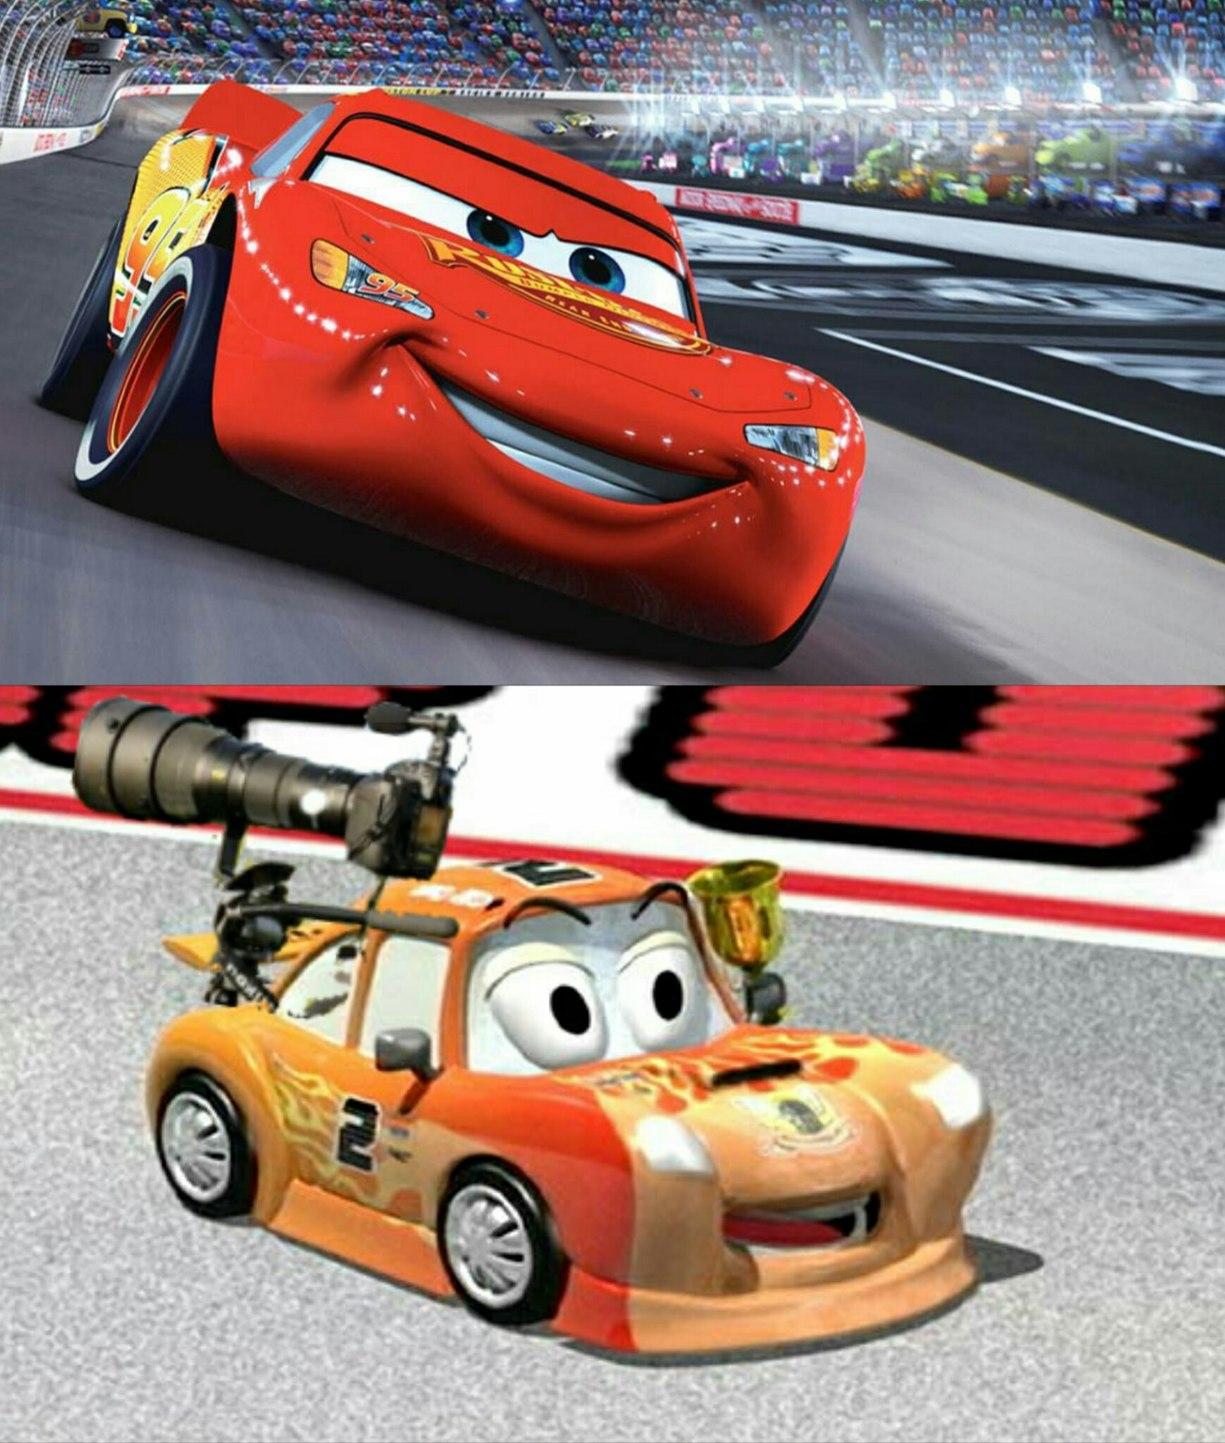 Vf2 - meme